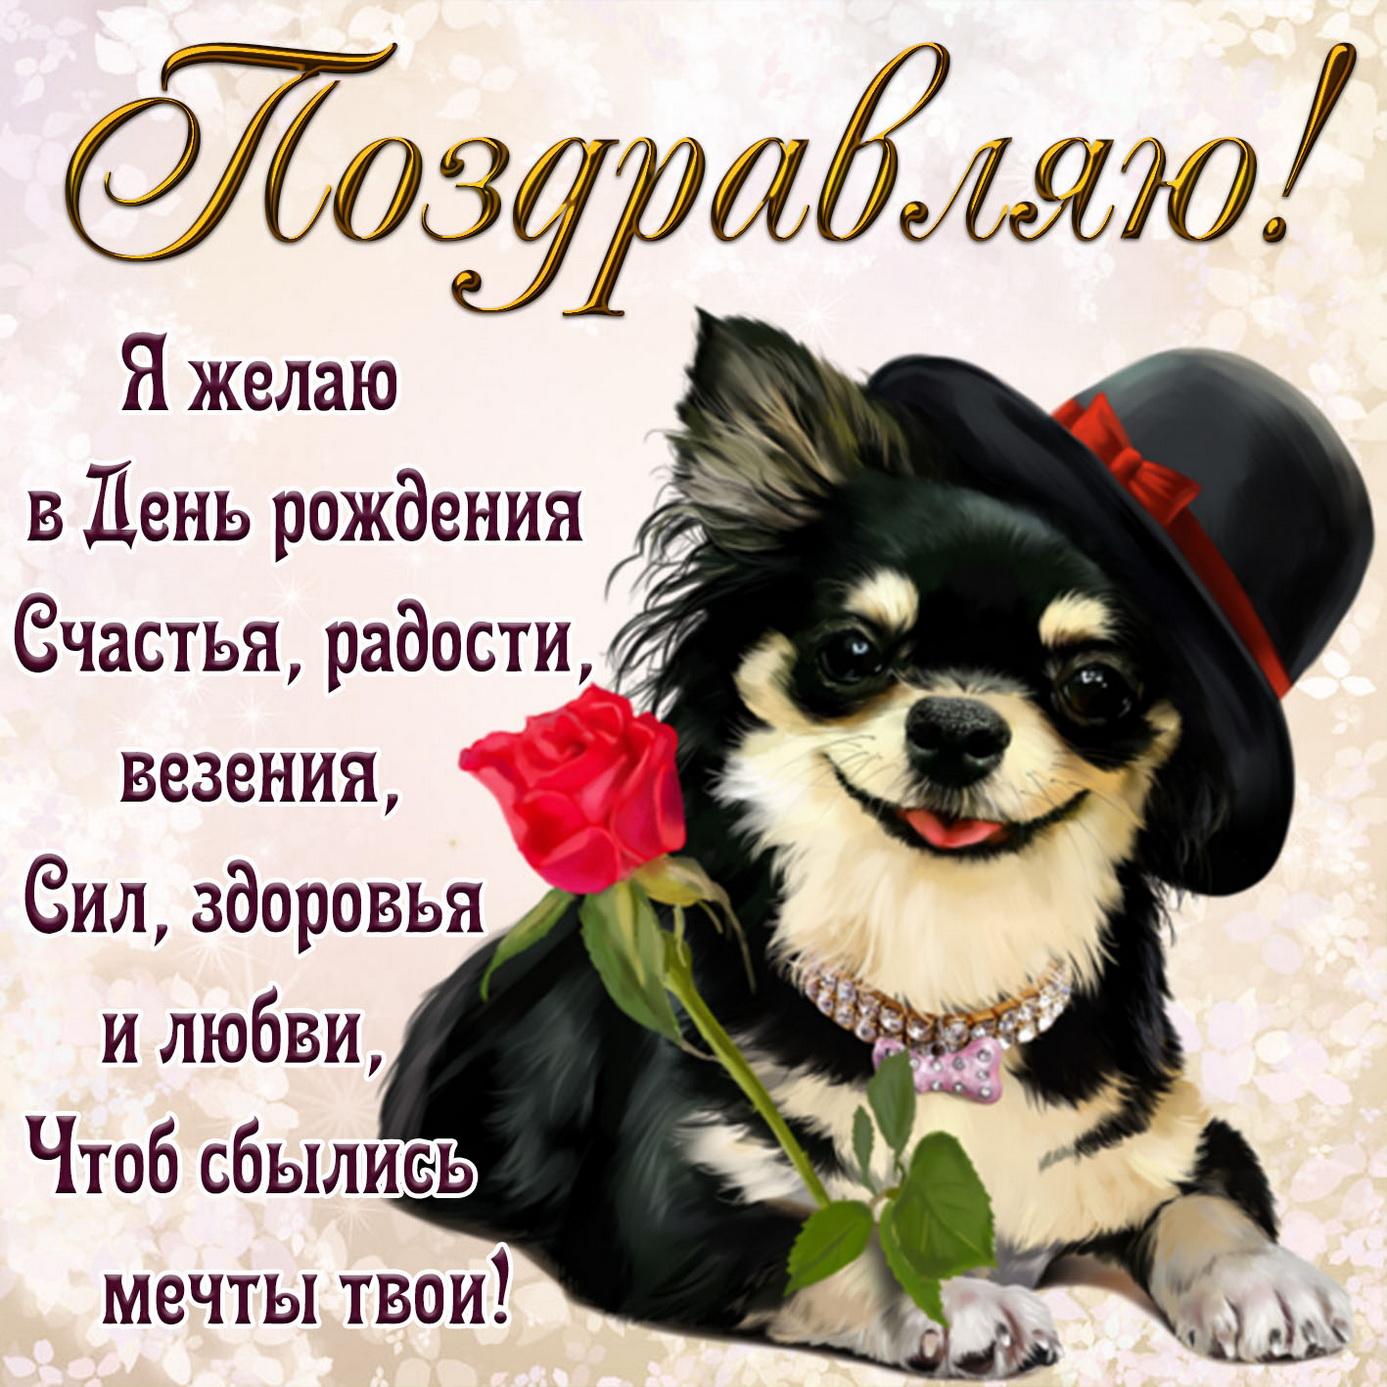 Картинка на День рождения с собачкой в шляпке